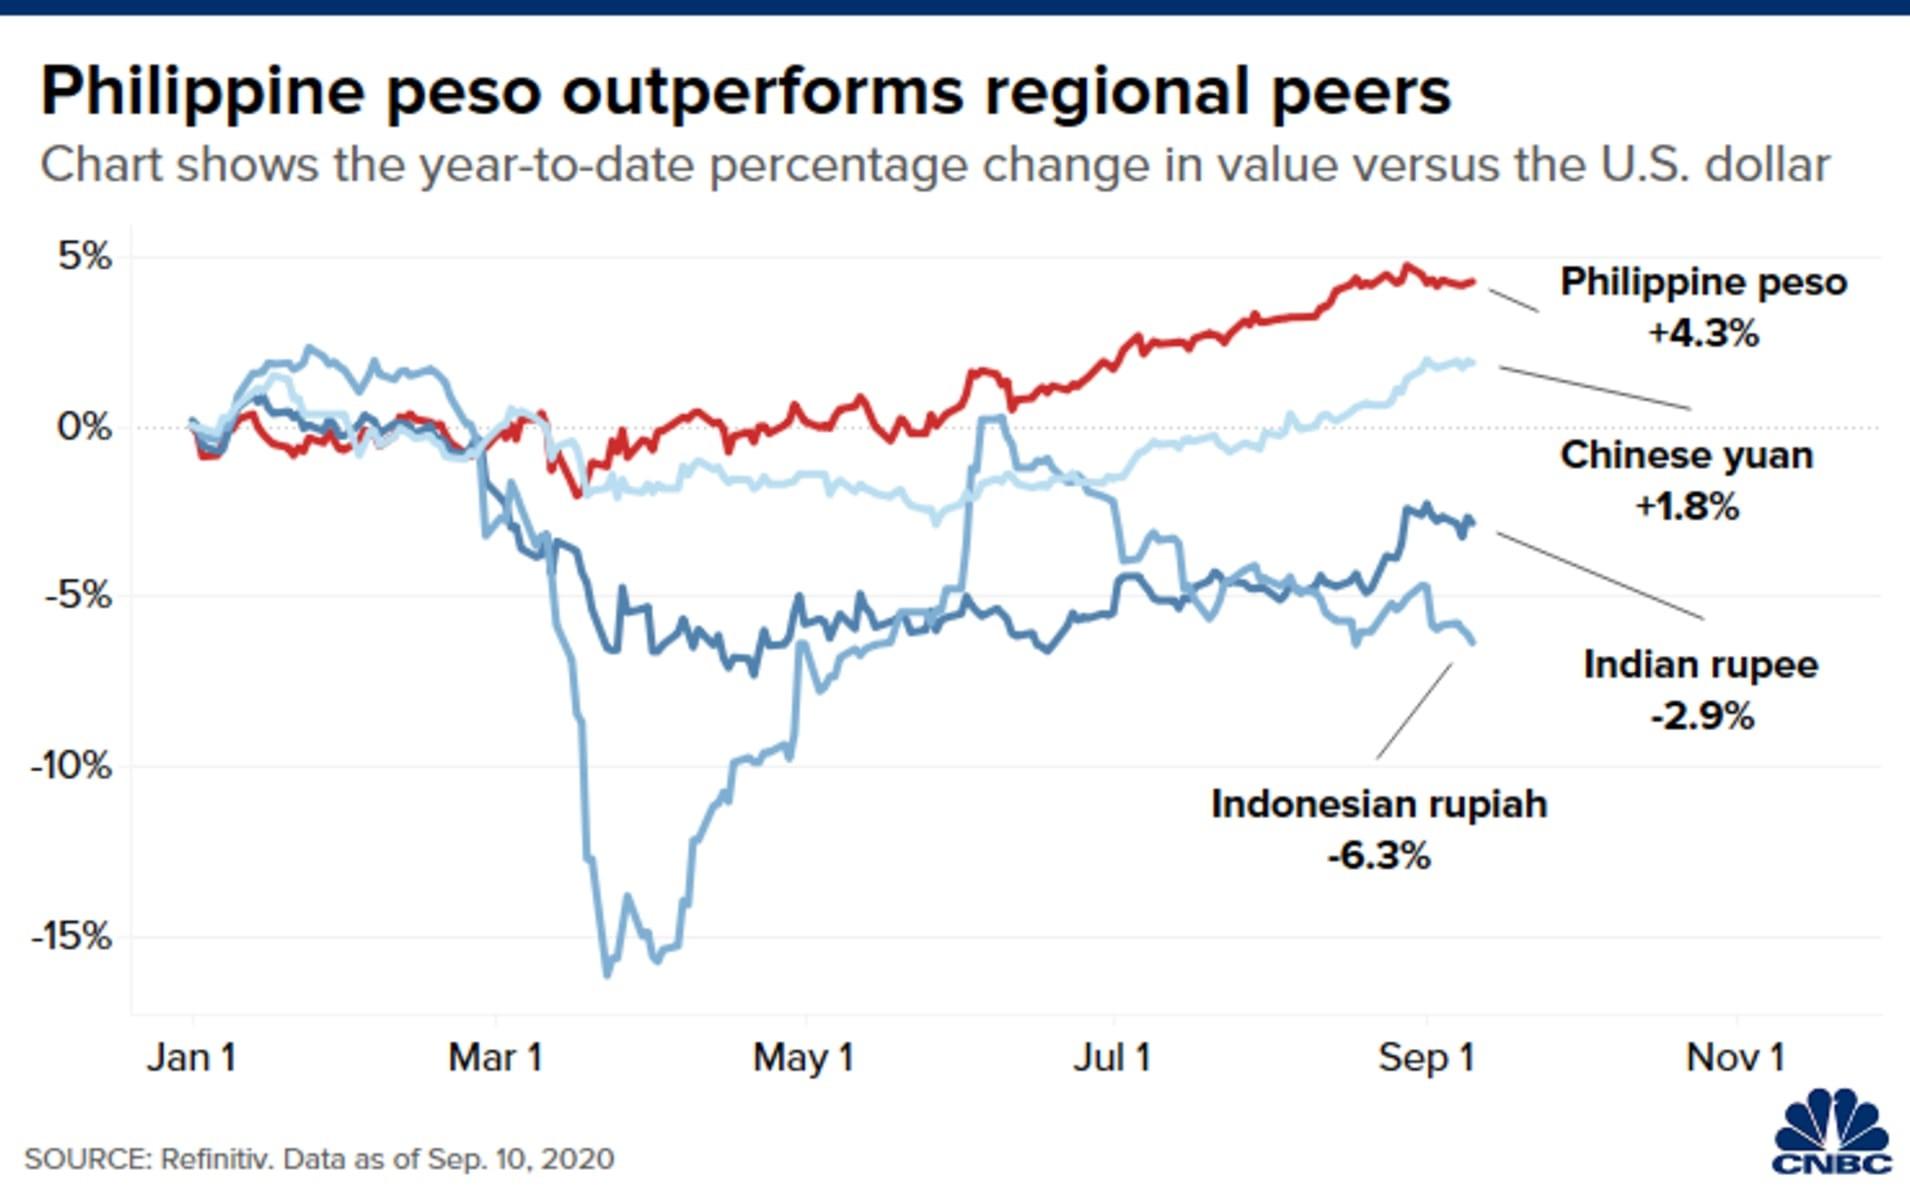 """这一货币年内表现""""雄冠亚洲"""" 部分原因竟是经济疲软"""